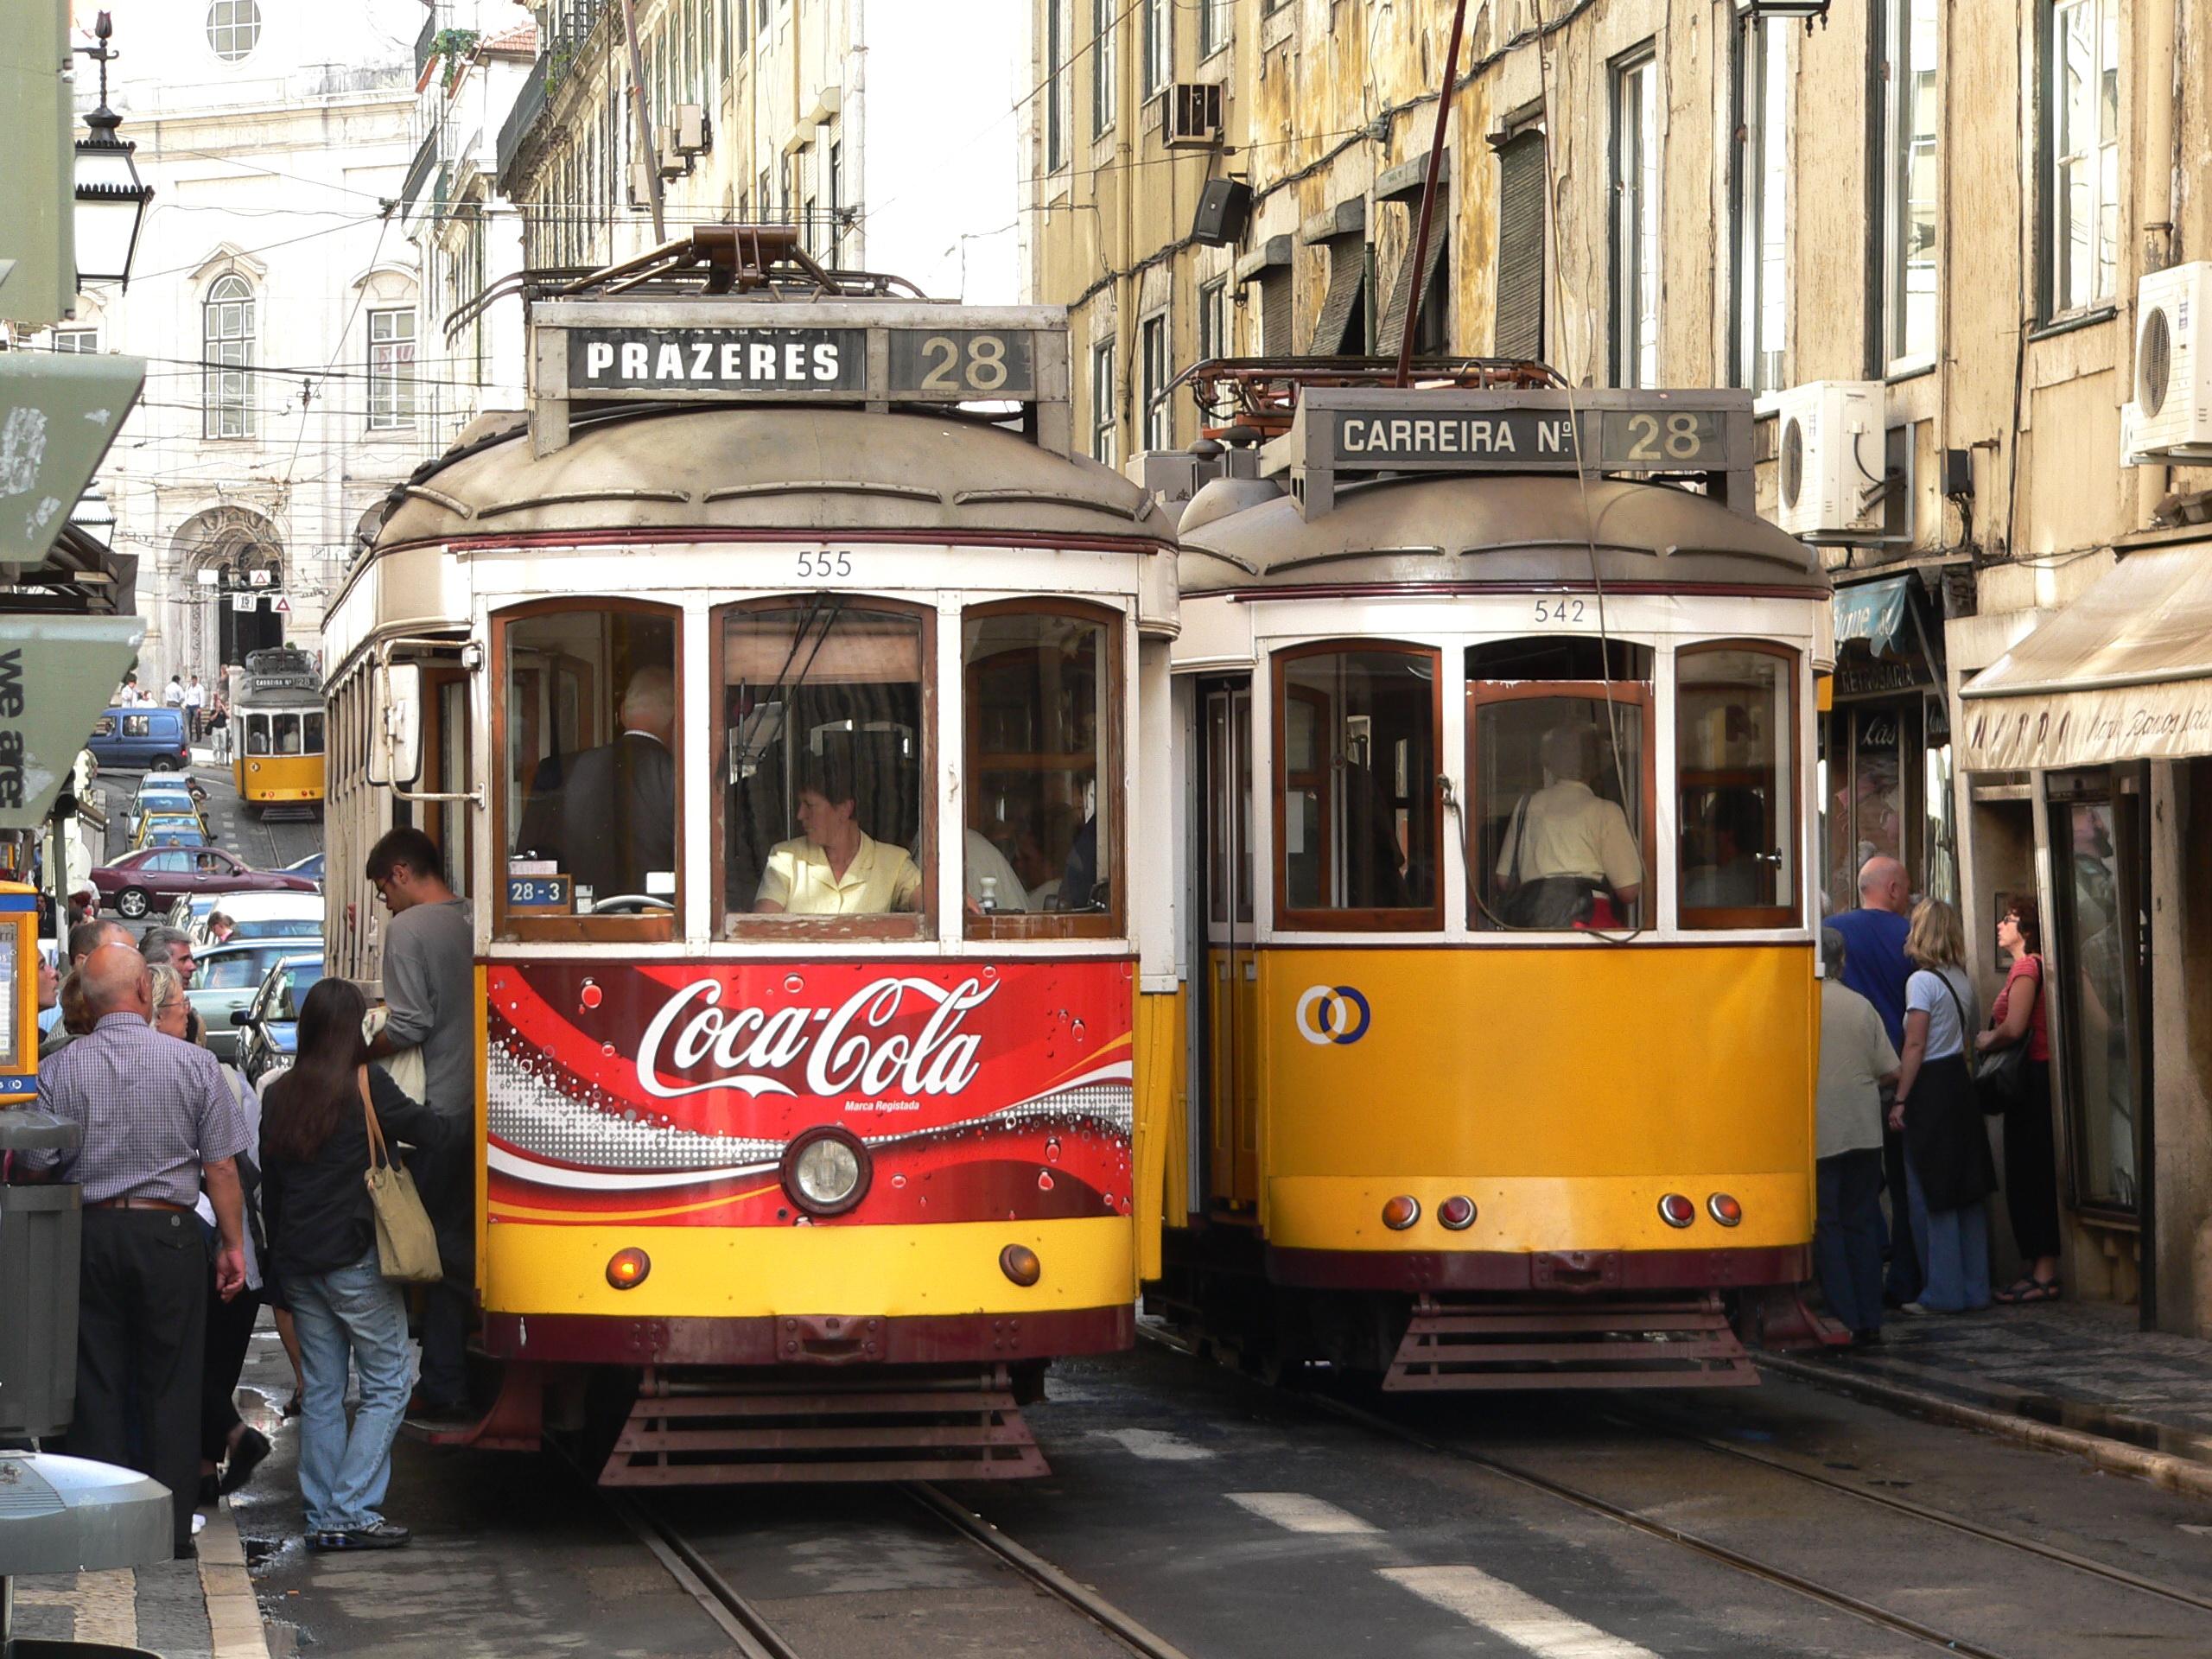 Portugalska tura proleće prvi maj putovanje last minute